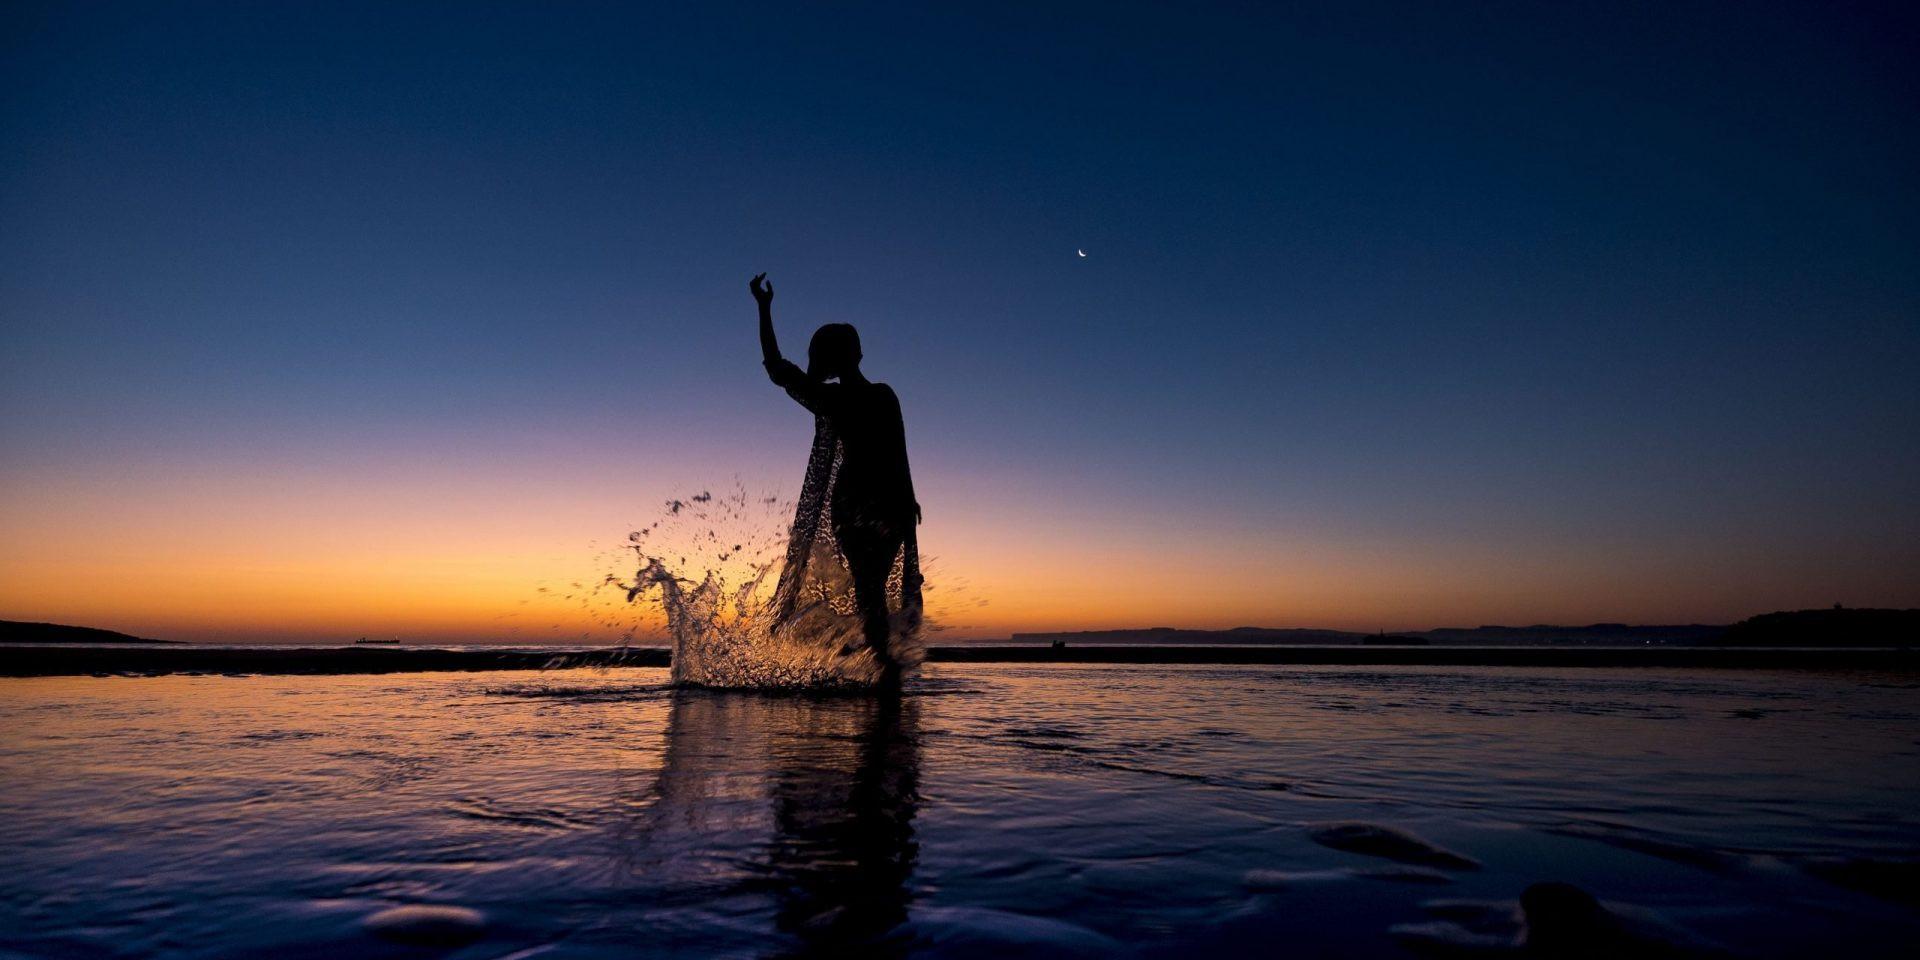 Foto de un precioso atardecer con una chica a contraluz salpicando agua en el mar. Dance Together_Centro de Danza Sandra Santa Cruz_Ethel Bartrán_DSC6079